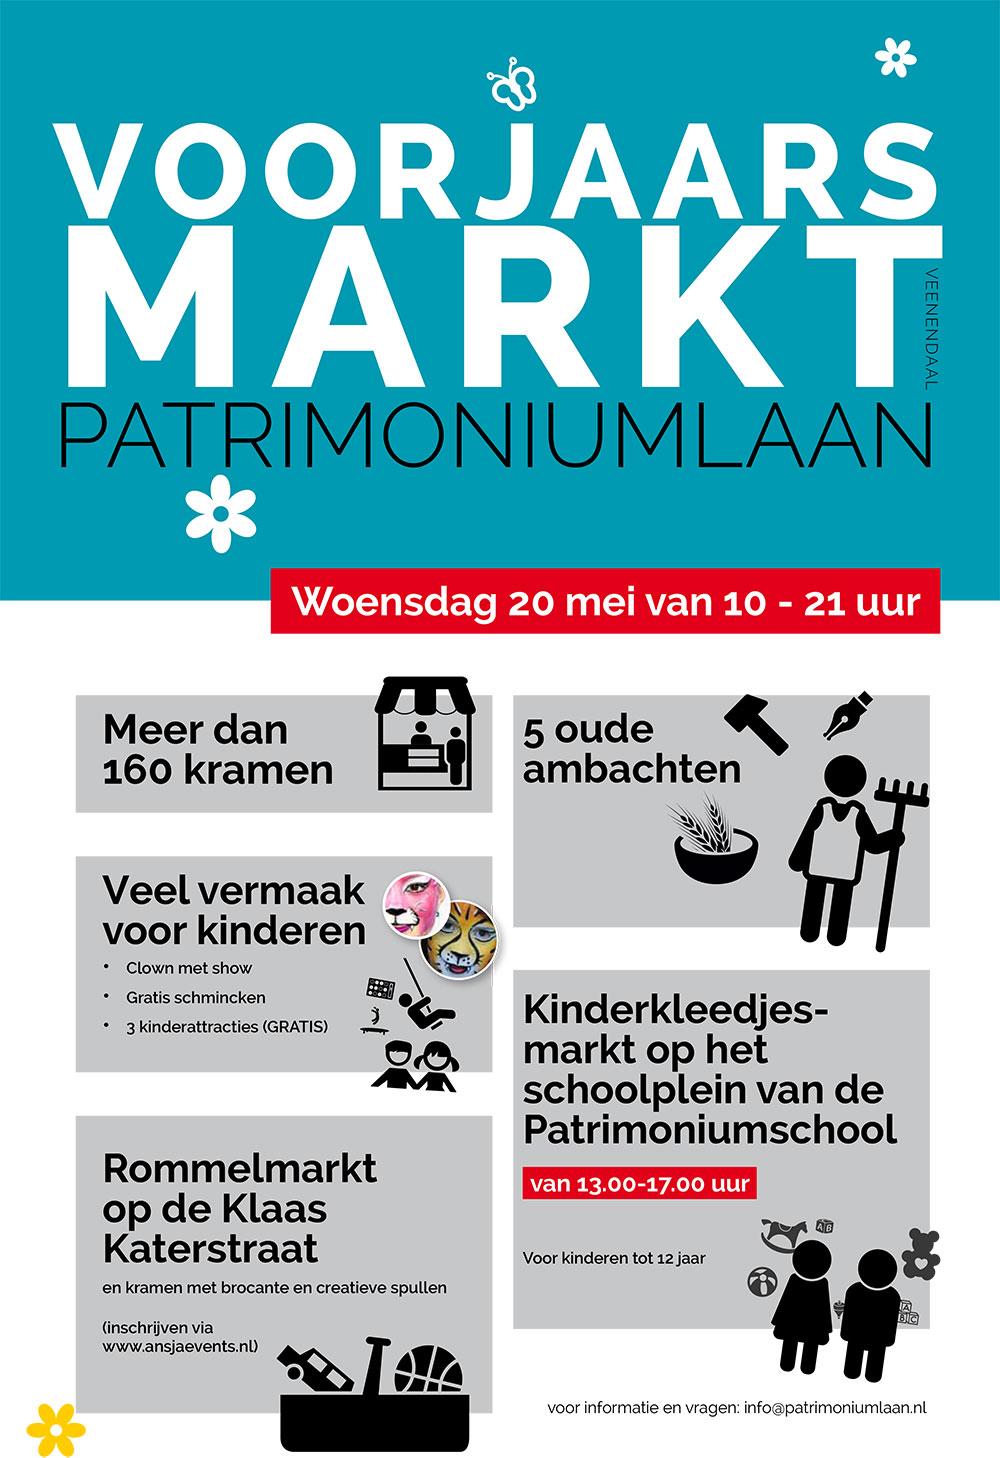 Voorjaarsmarkt-Patrimoniumlaan-Veenendaal-2015